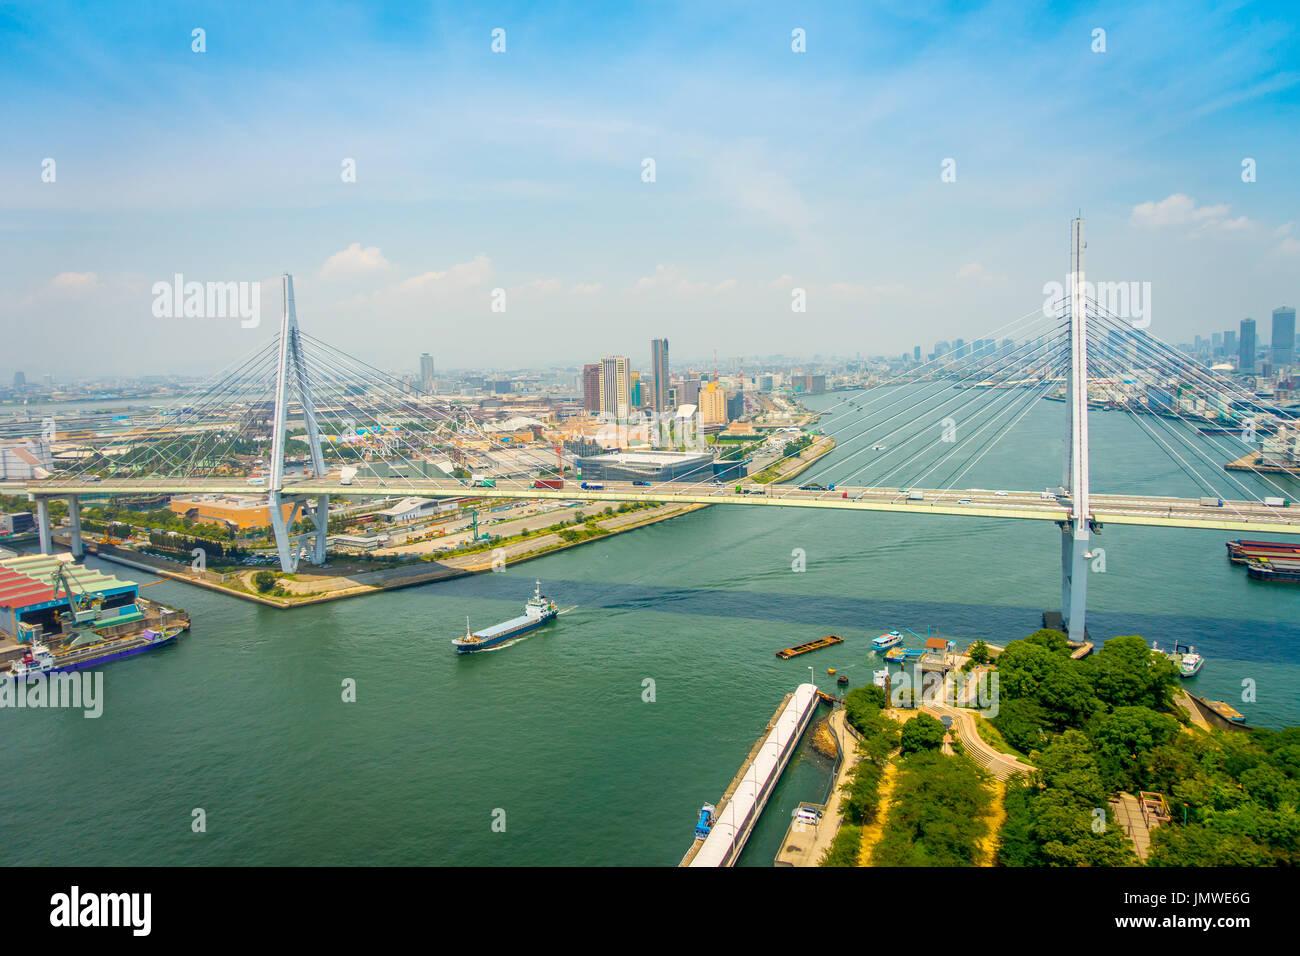 OSAKA, JAPAN - JULY 18, 2017: Beautiful view of the city of Osaka district in Osaka, Japan in a beautiful day - Stock Image